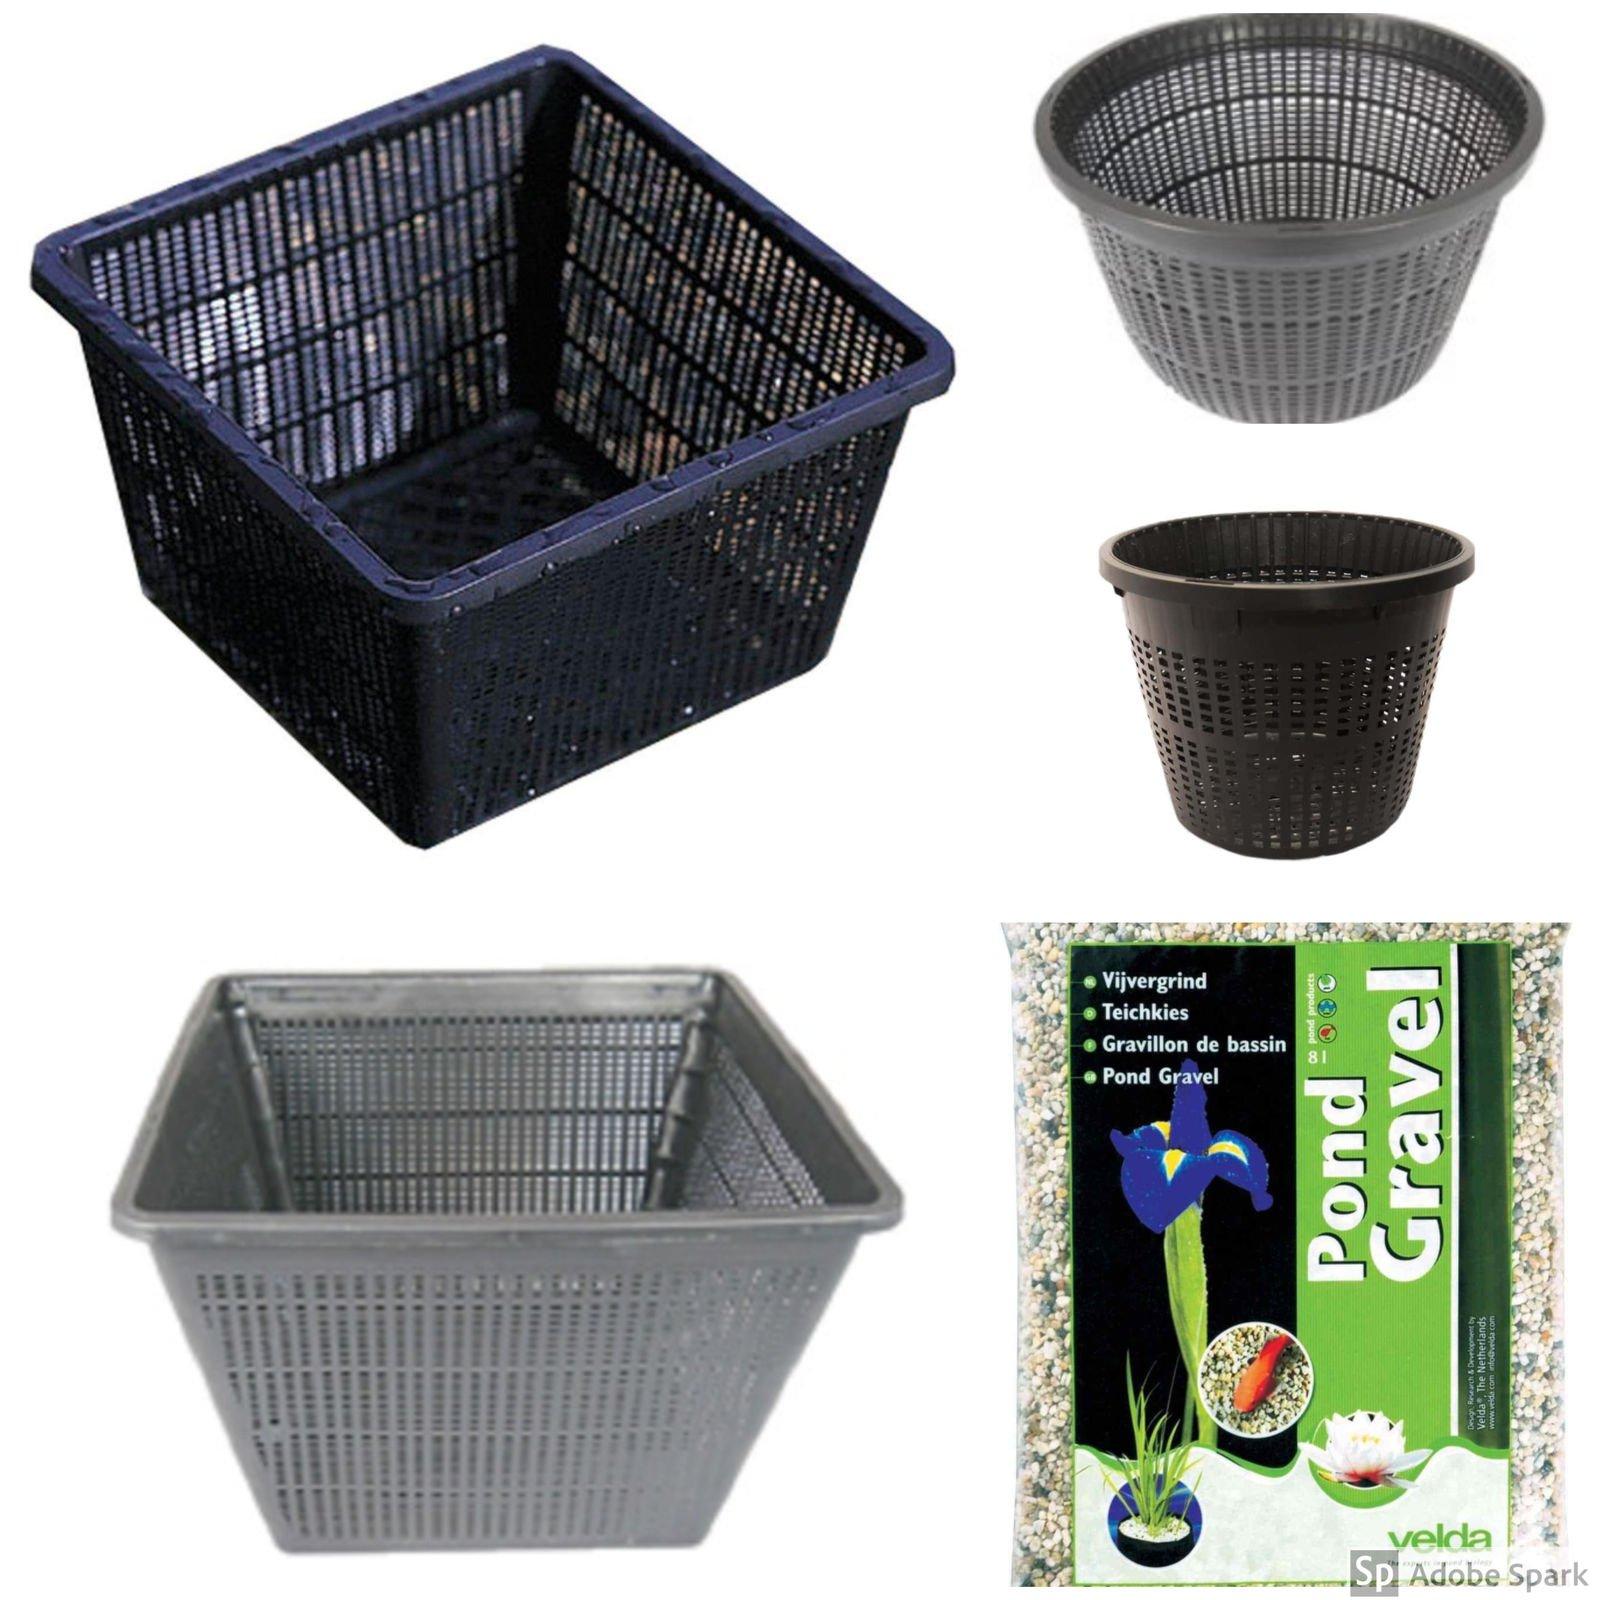 Large Pond Planting Basket Kit, Includes 8 Large Sized Baskets and Pond Gravel